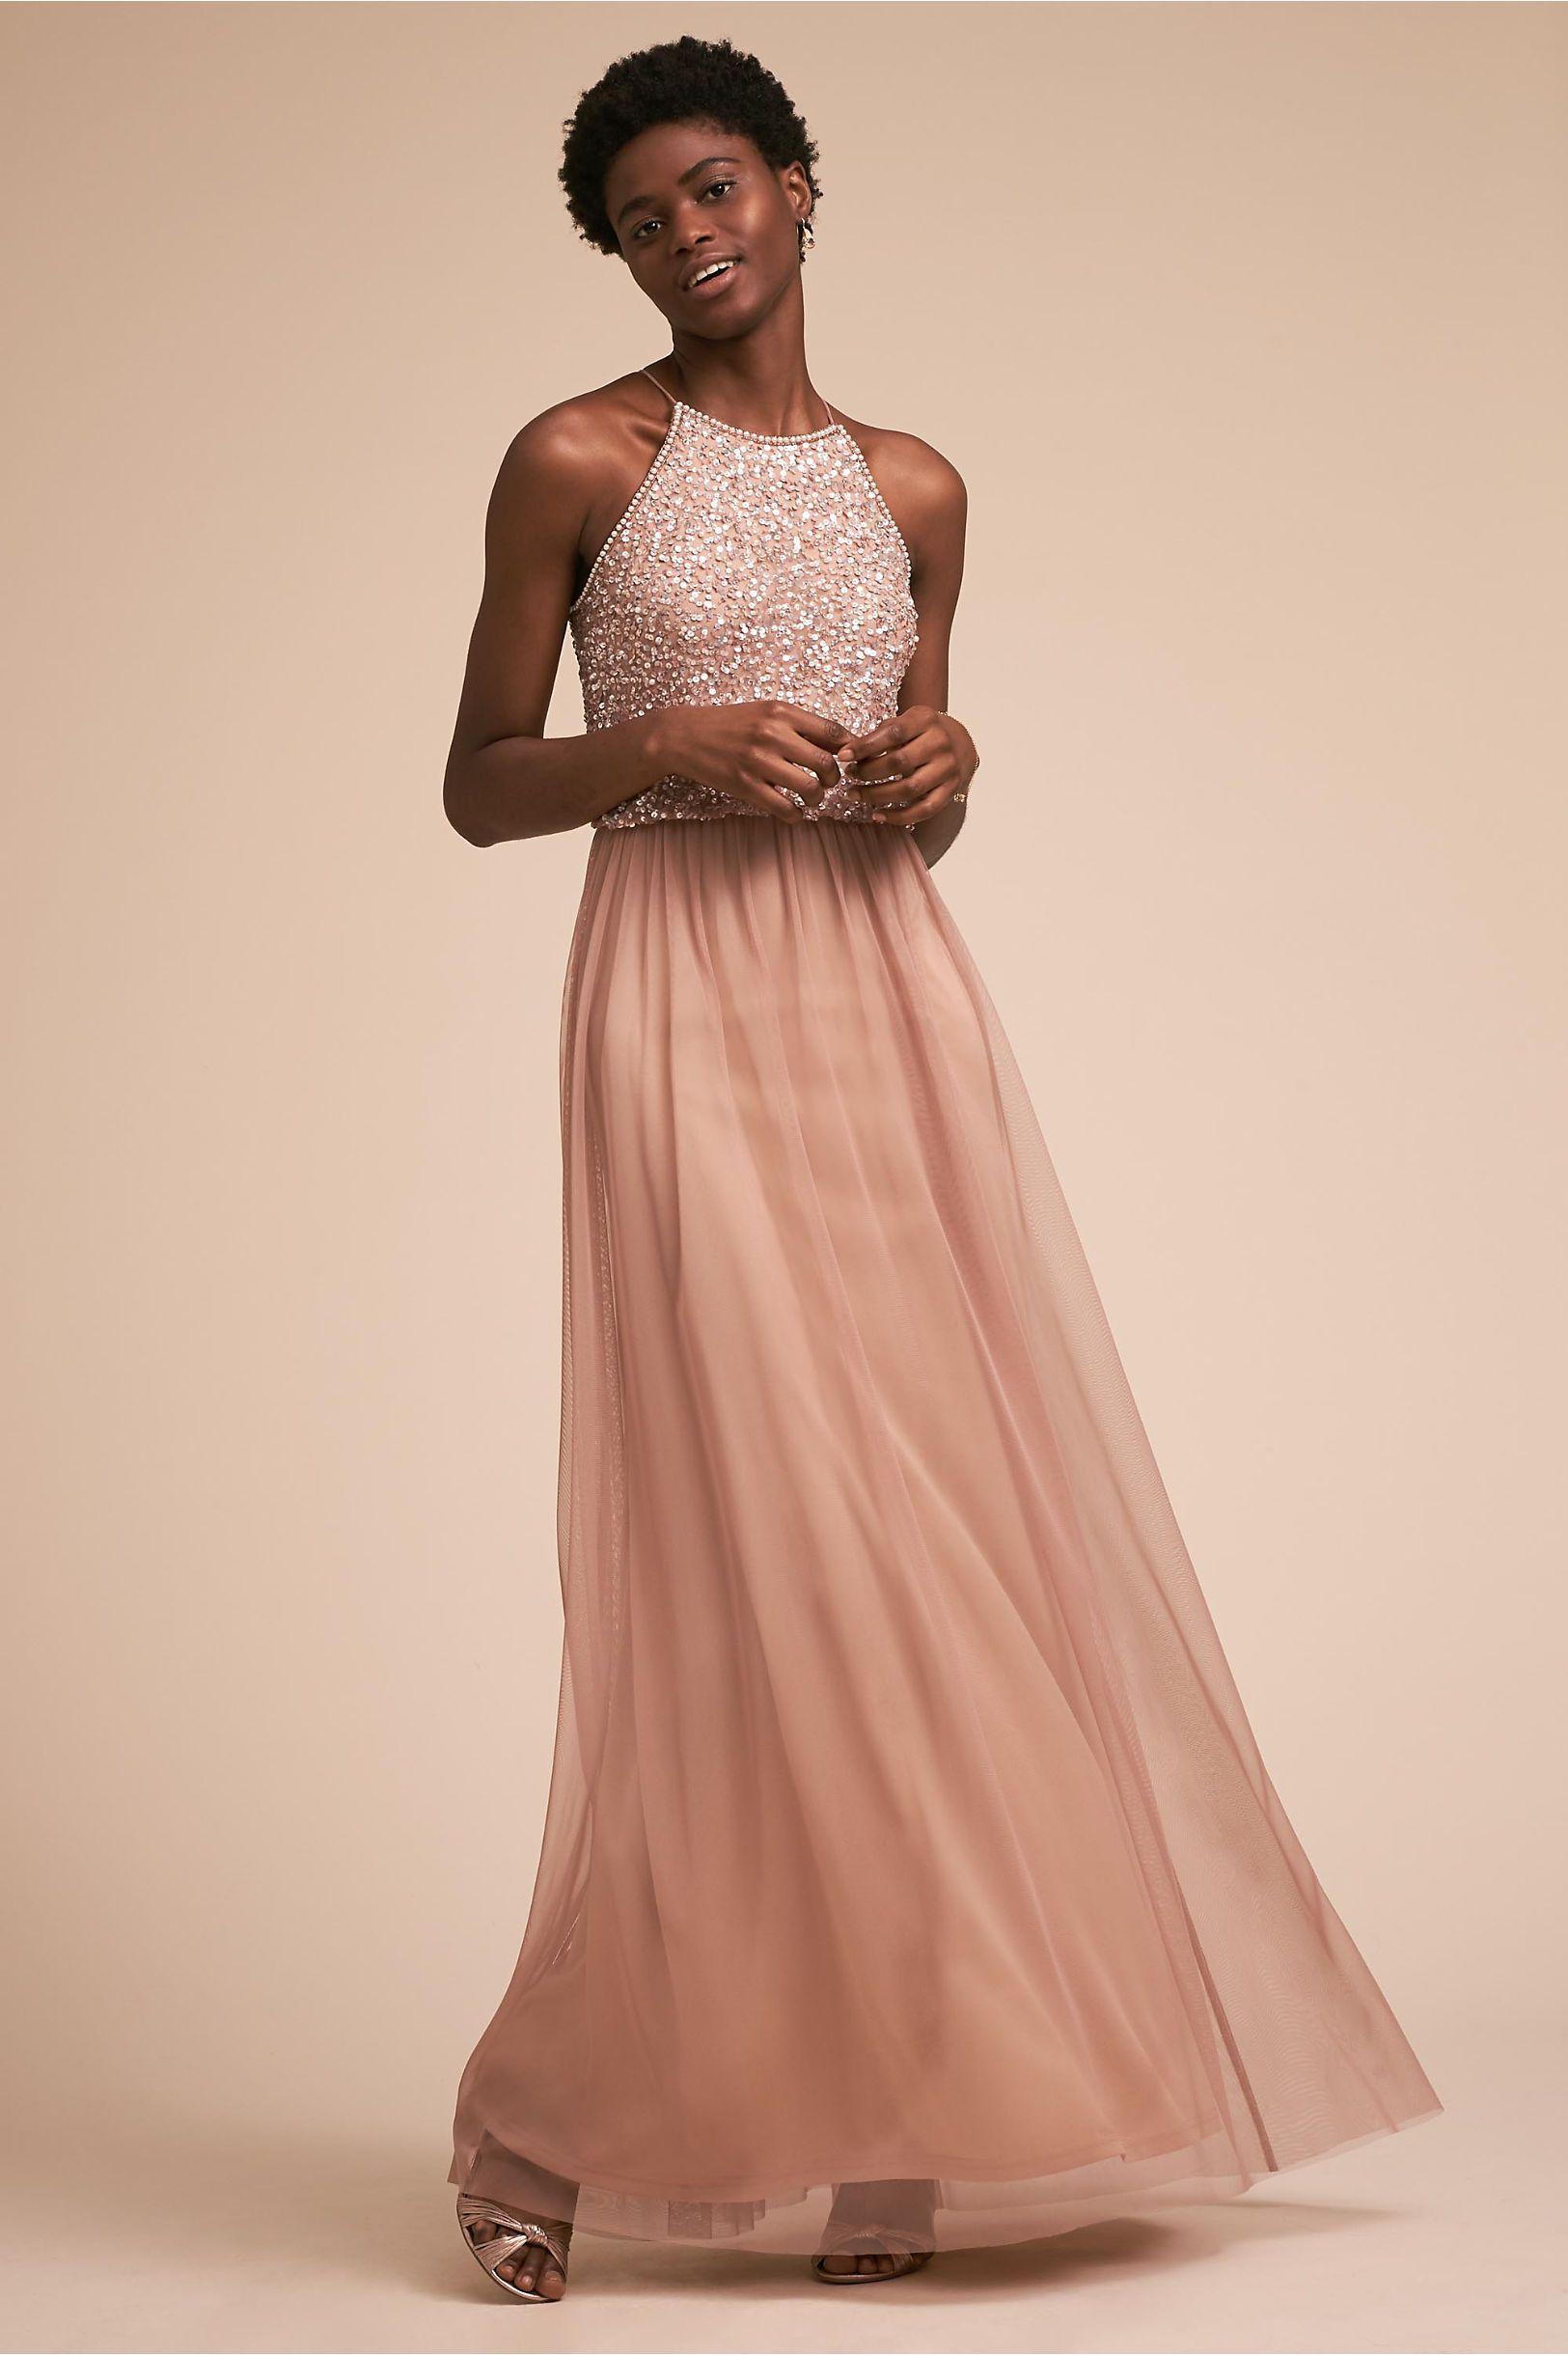 d2d427ef2dff BHLDN Scarlett Dress Rose Gold in Bridal Party | BHLDN | Wedding ...